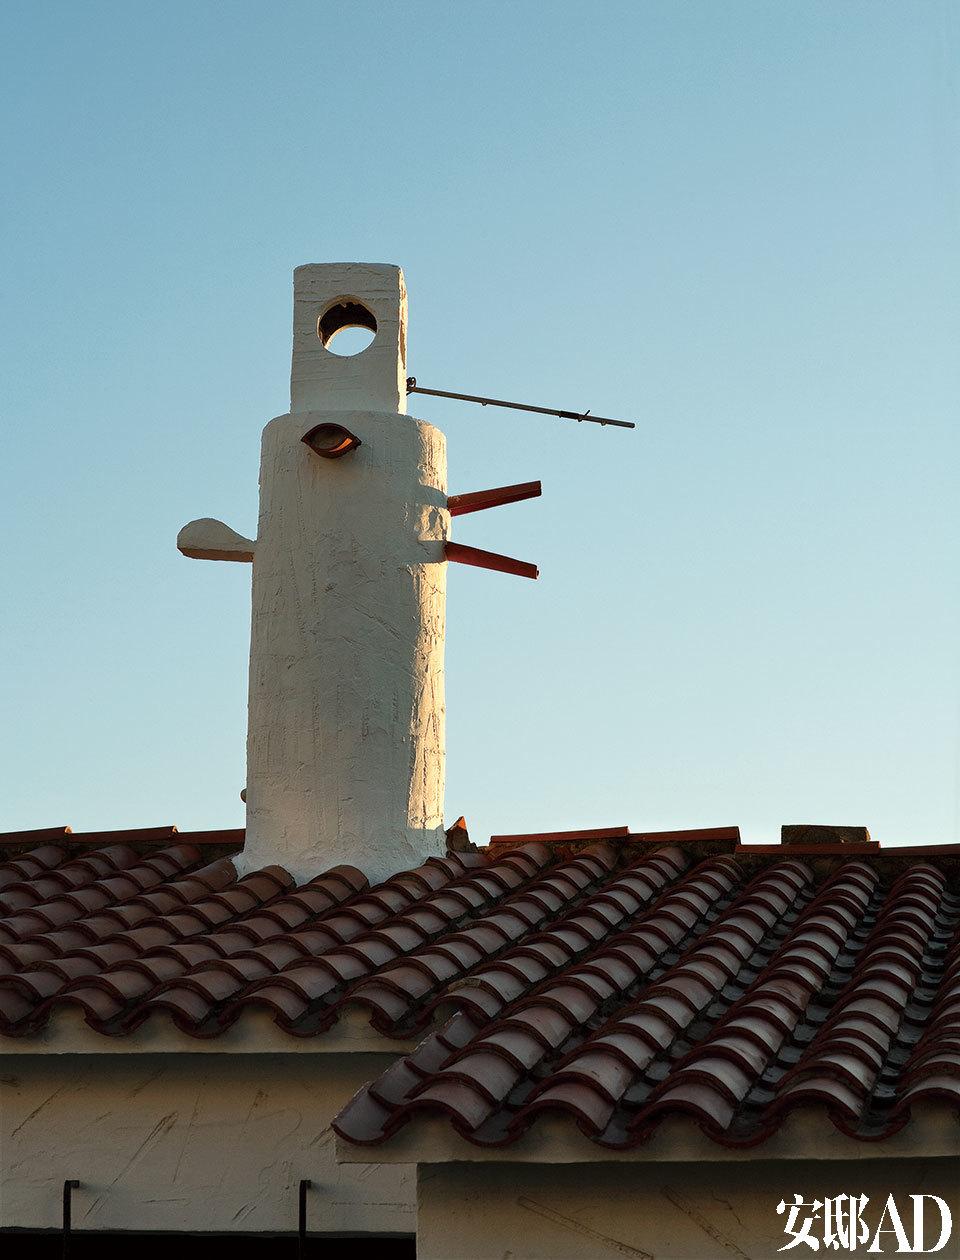 村庄里许多各式烟囱中一座的细节。